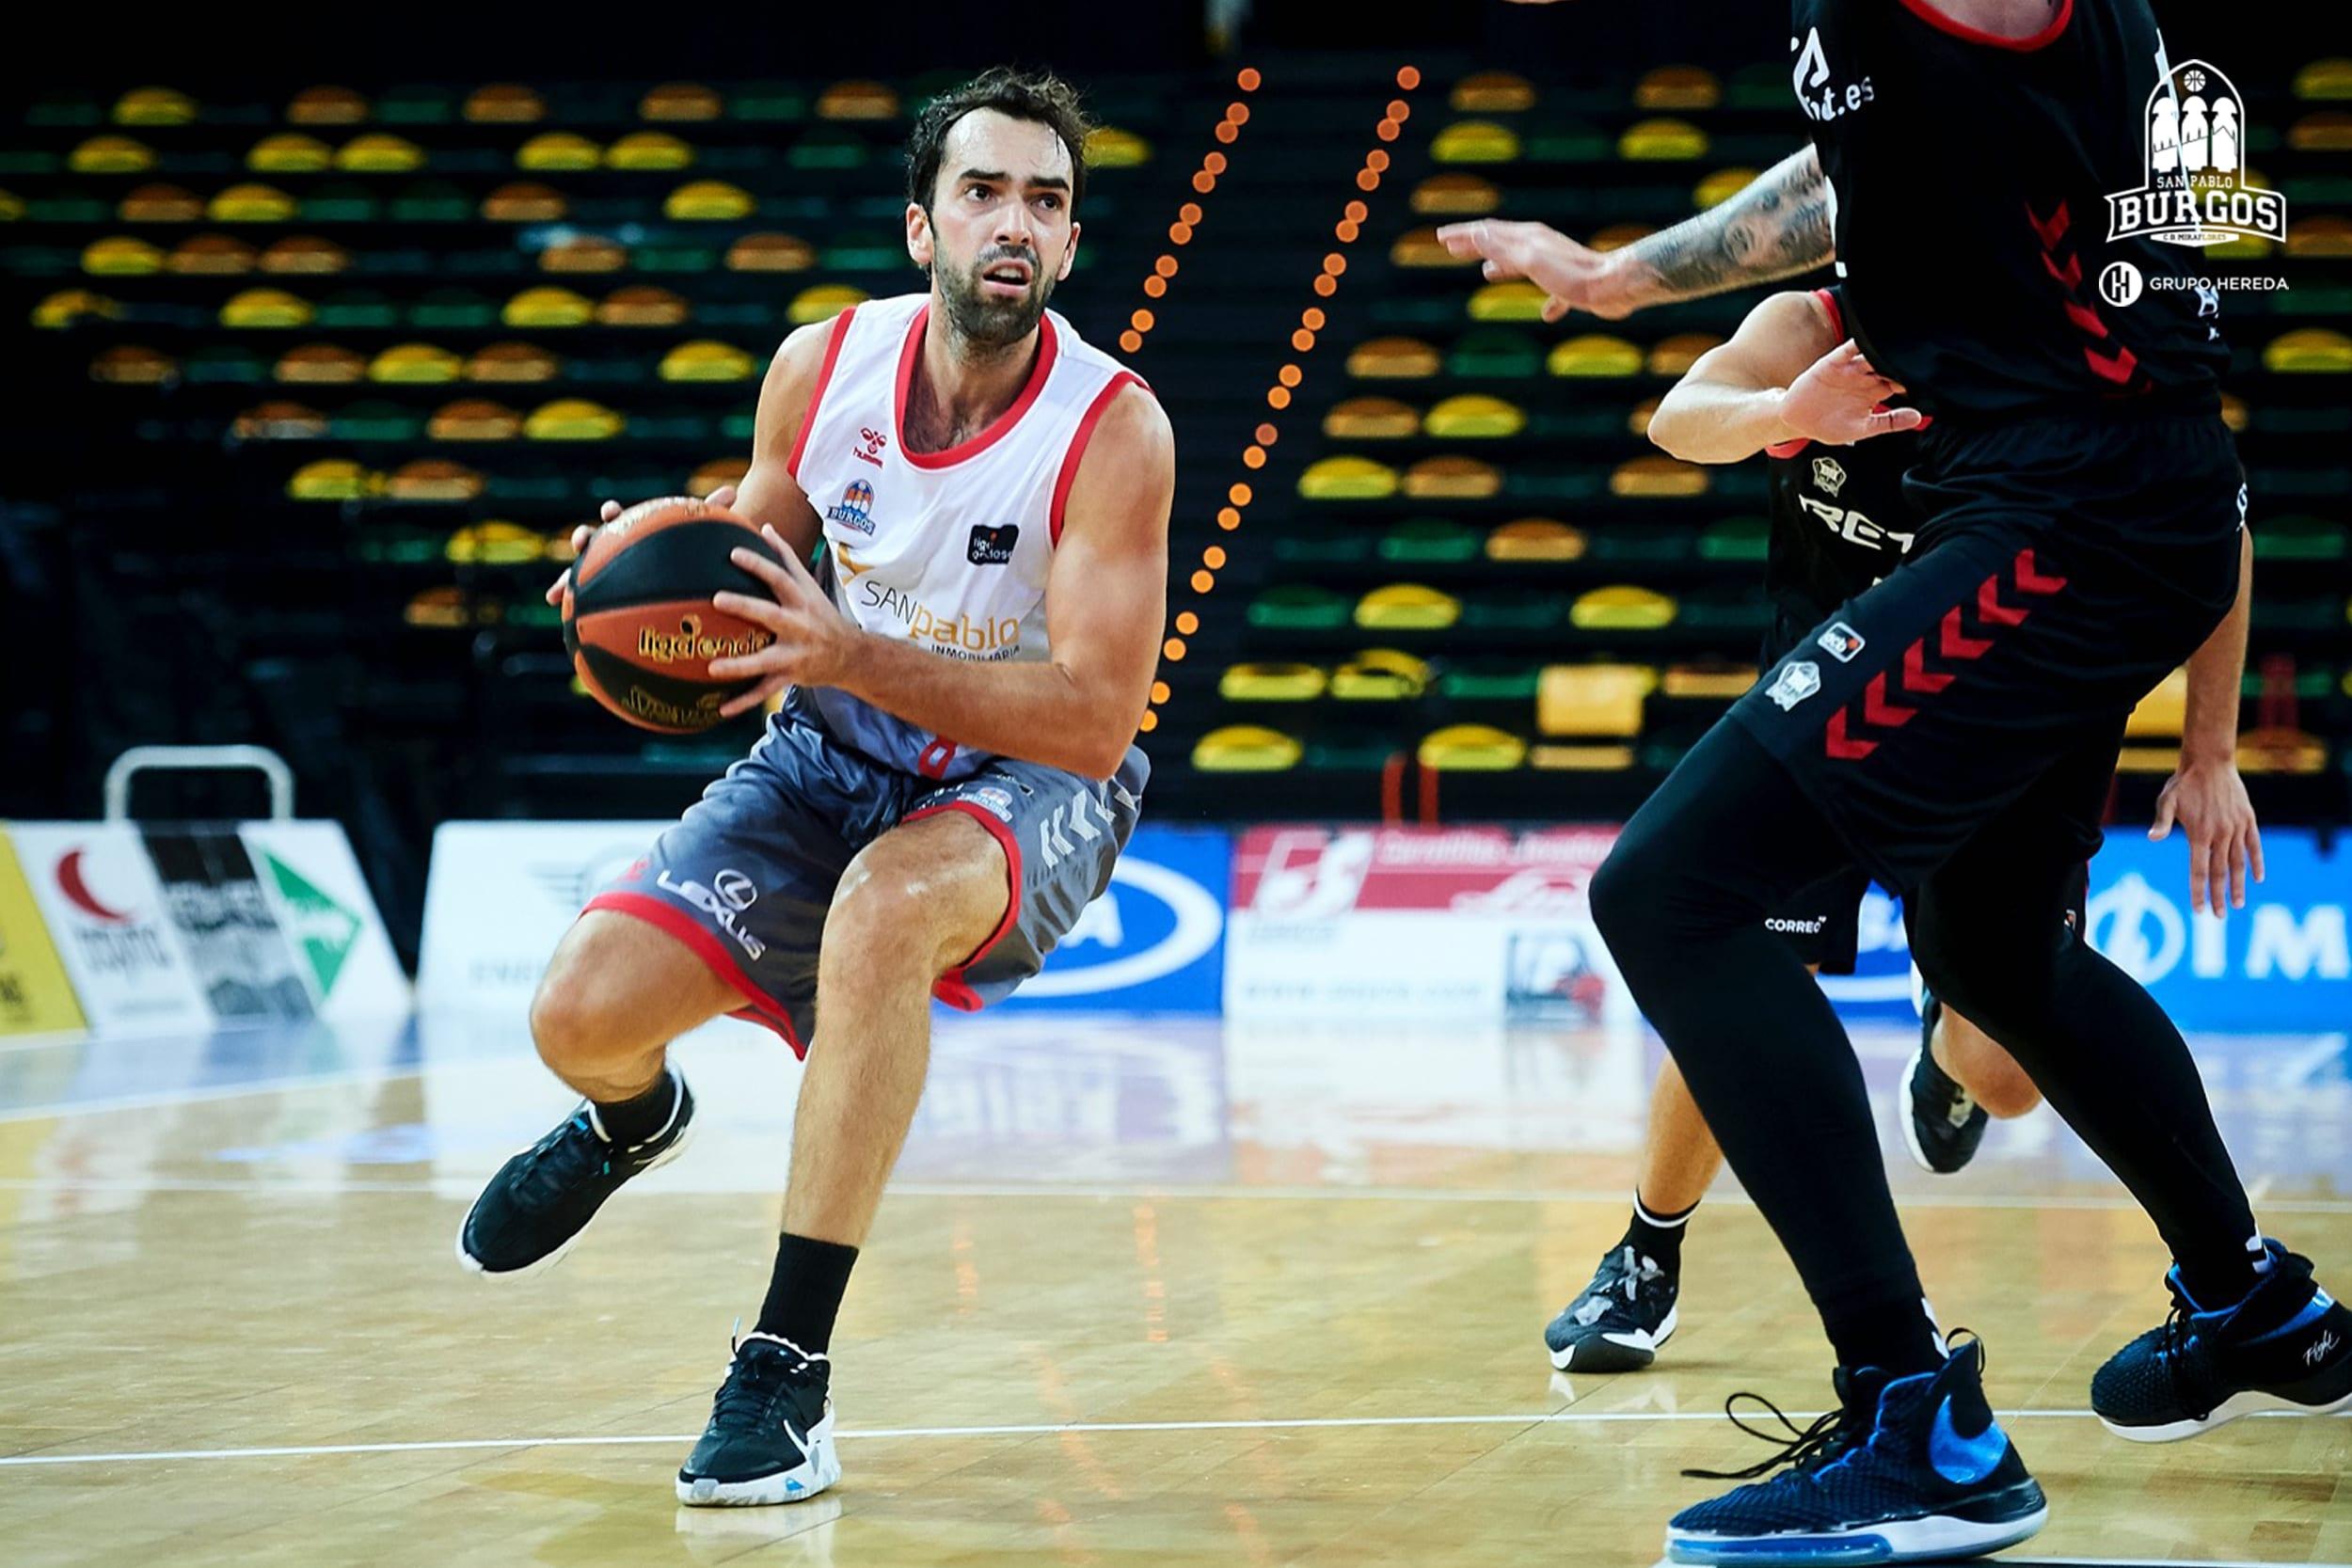 Benite é destaque na vitória do San Pablo Burgos